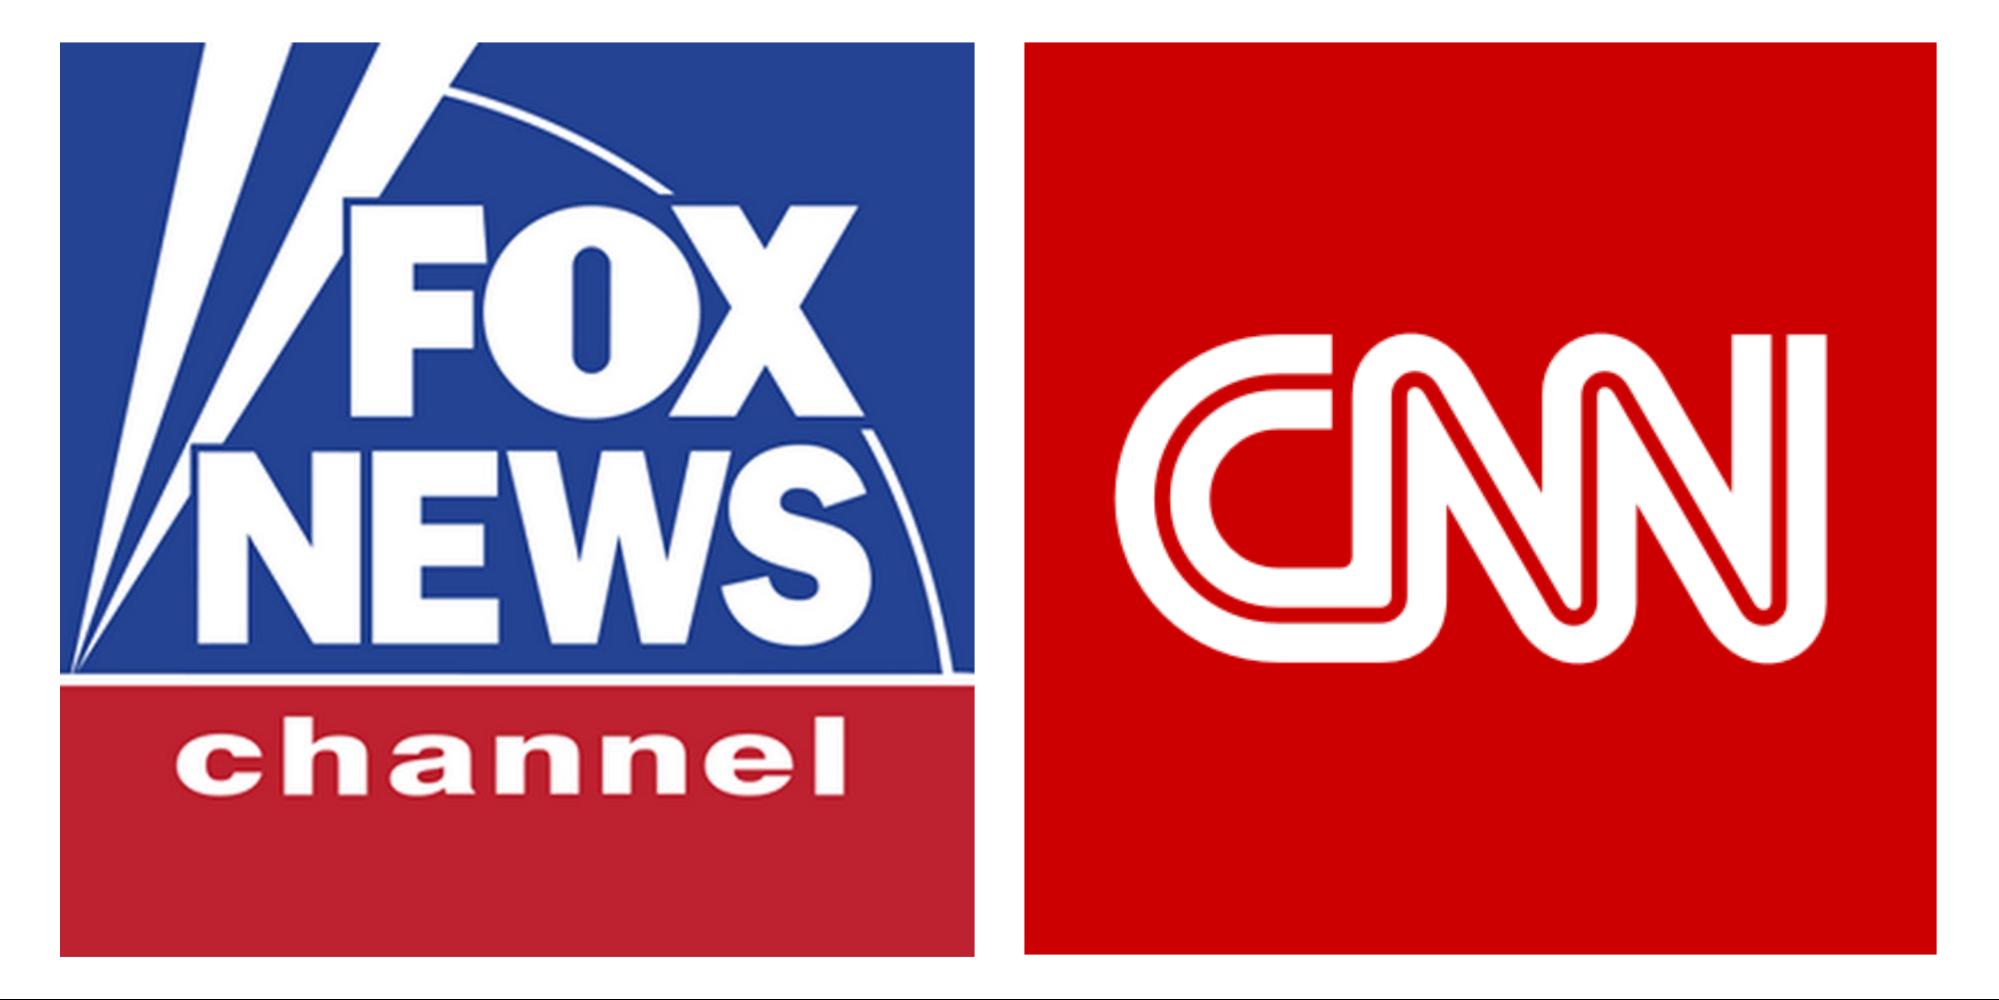 news logos - anatomy of a killer logo by venngage | brafton